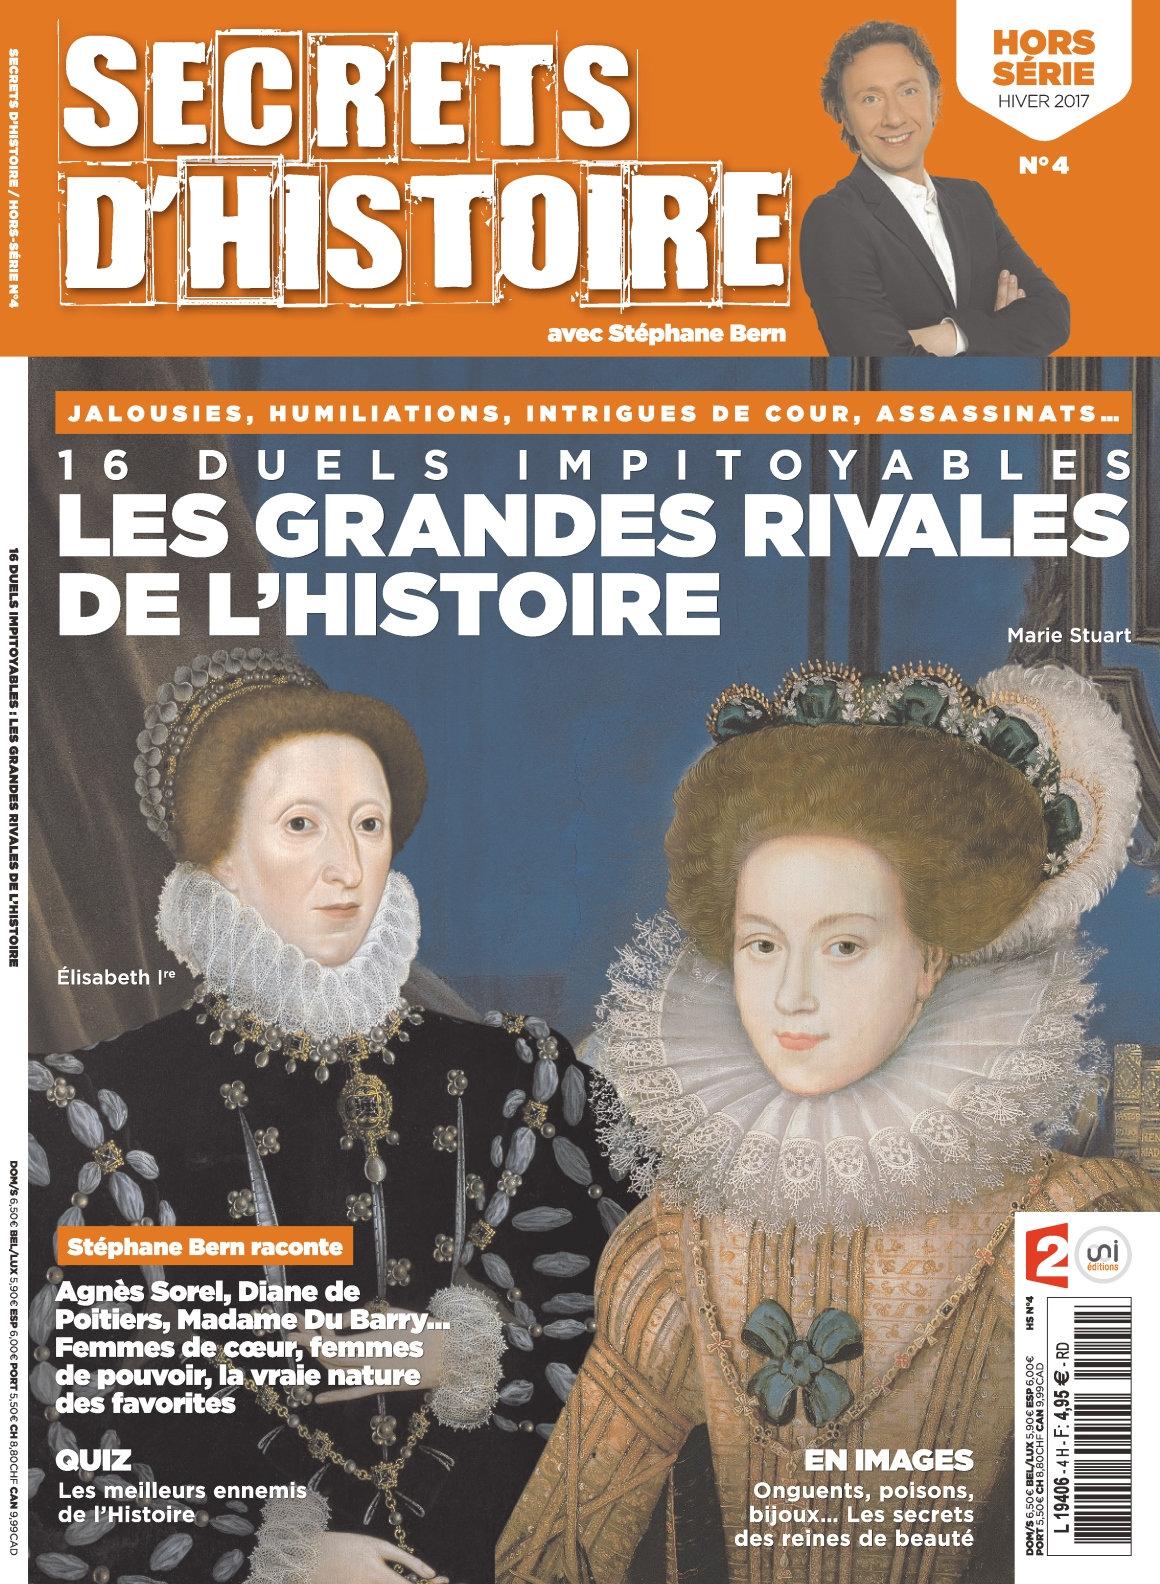 Secrets d'Histoire Hors Série N°4 - Hiver 2017